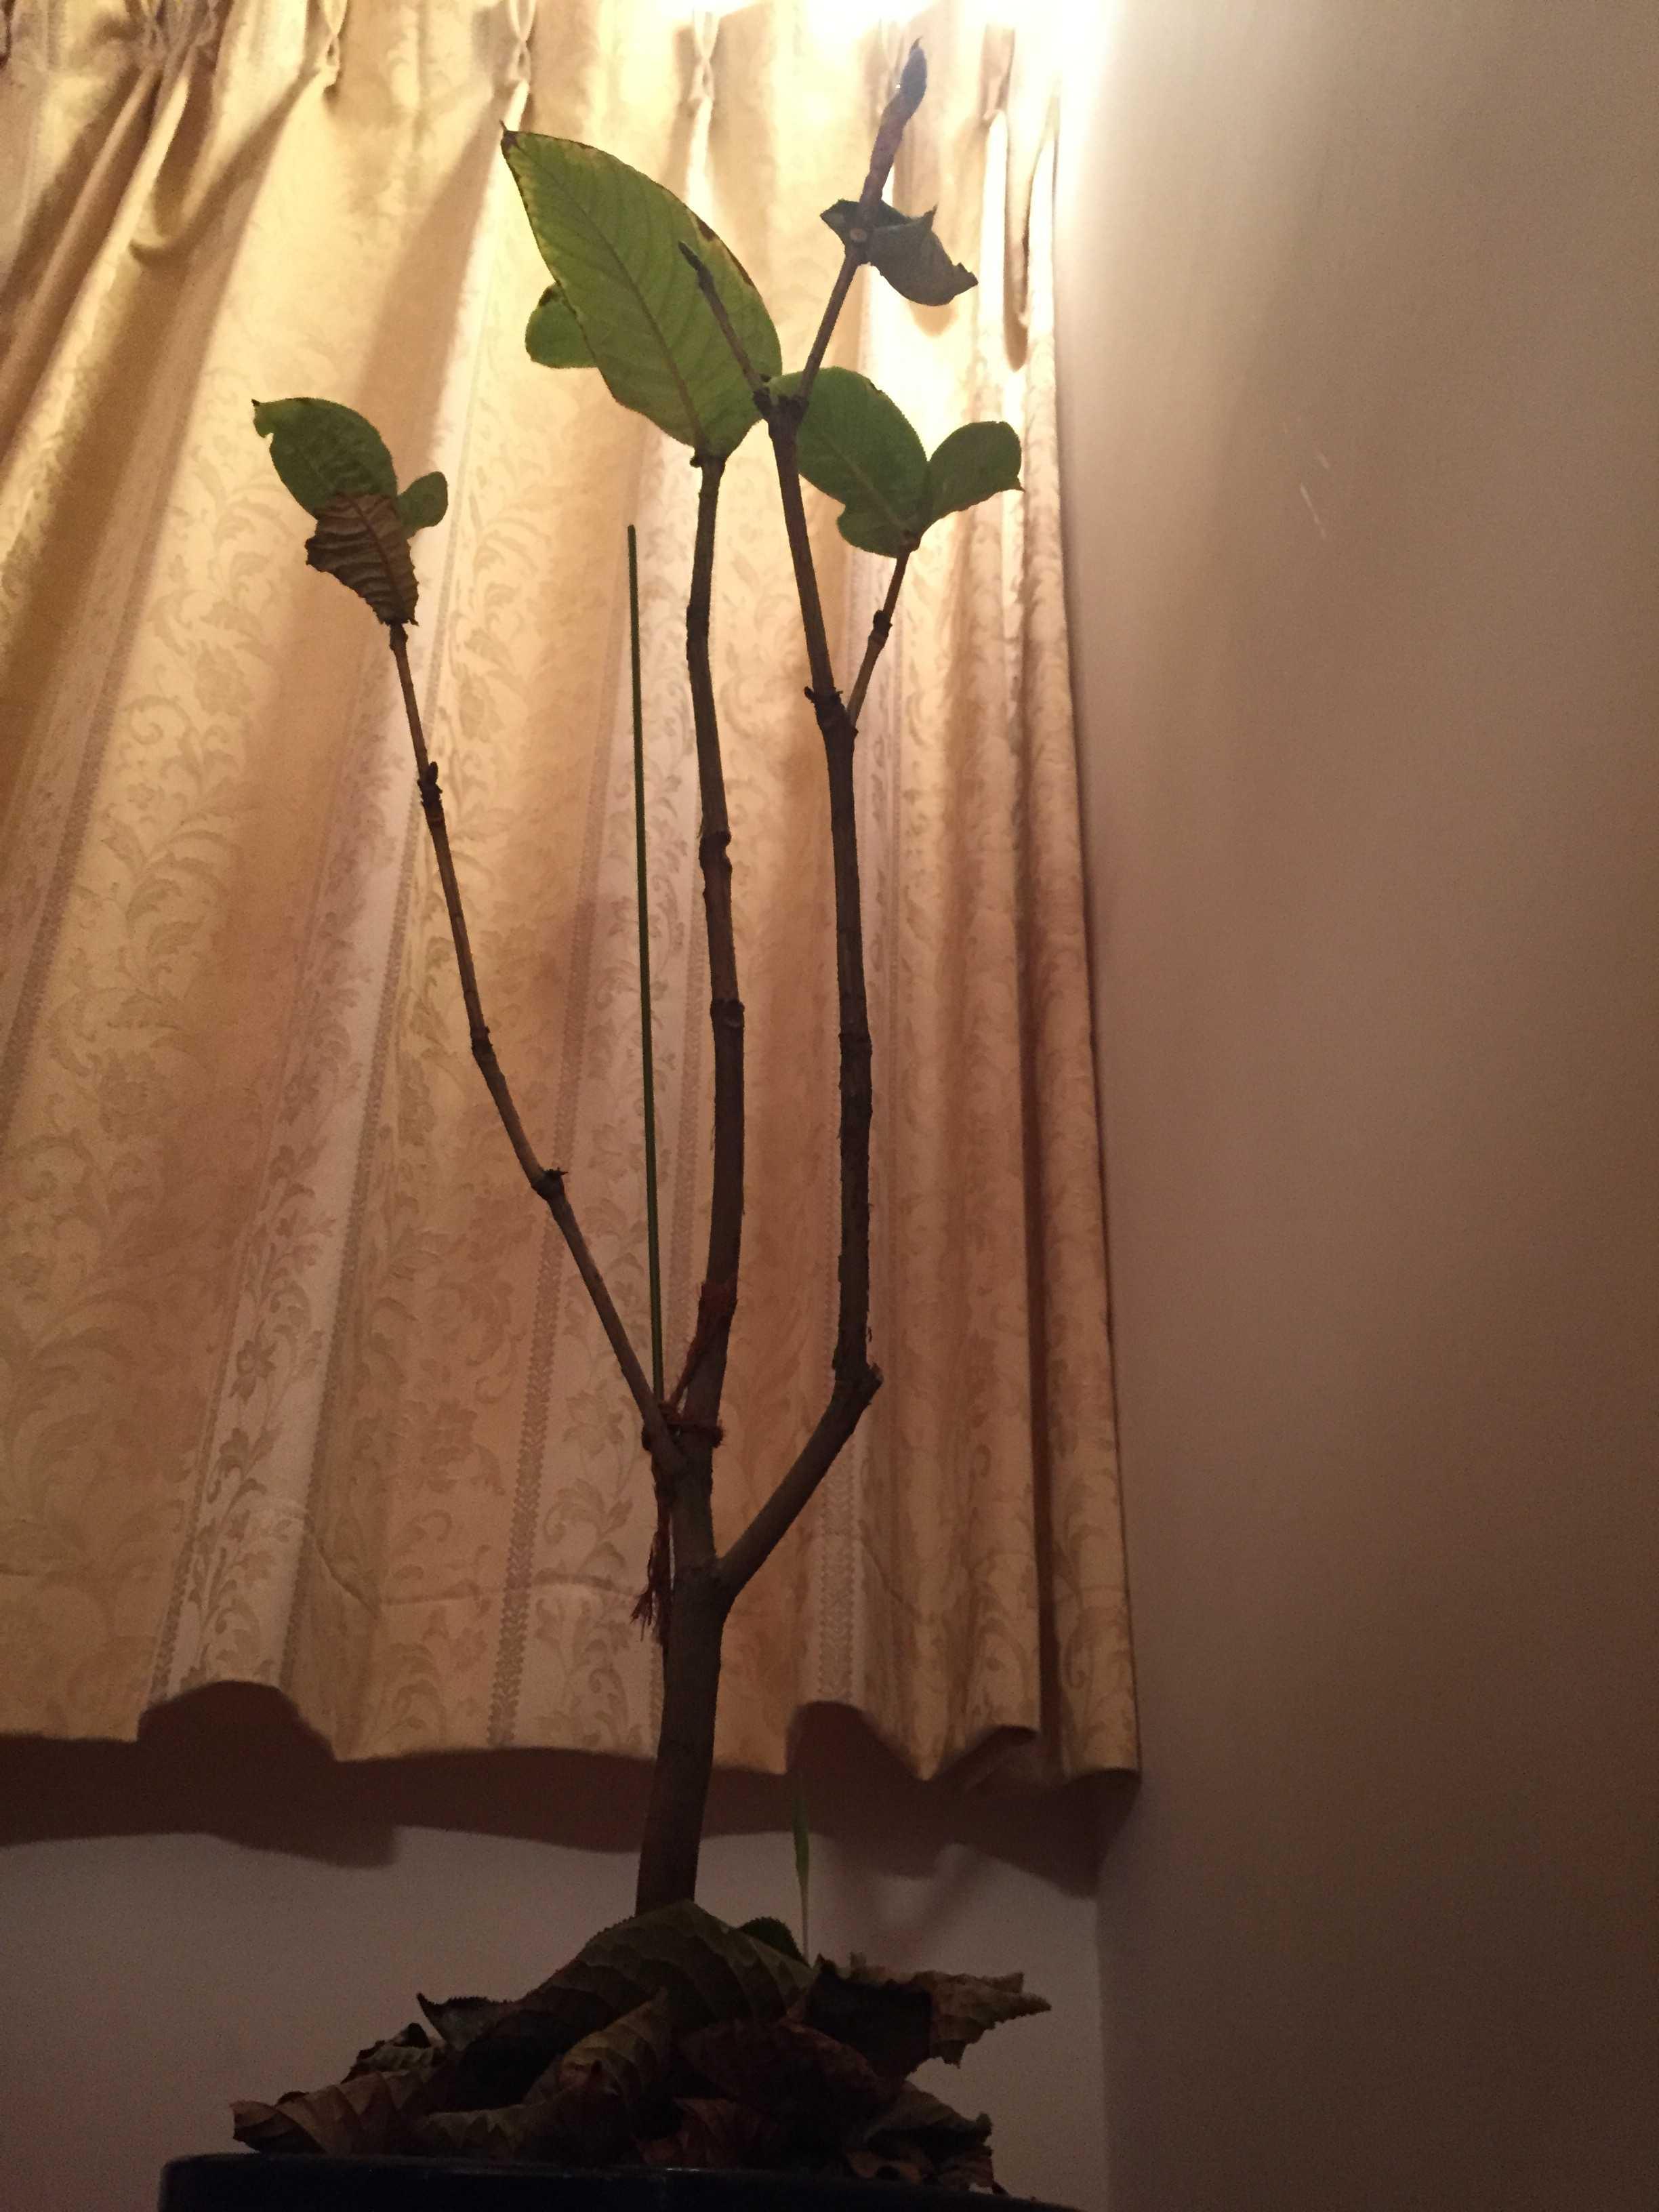 ベトナム産原種椿「ムラウチイ」